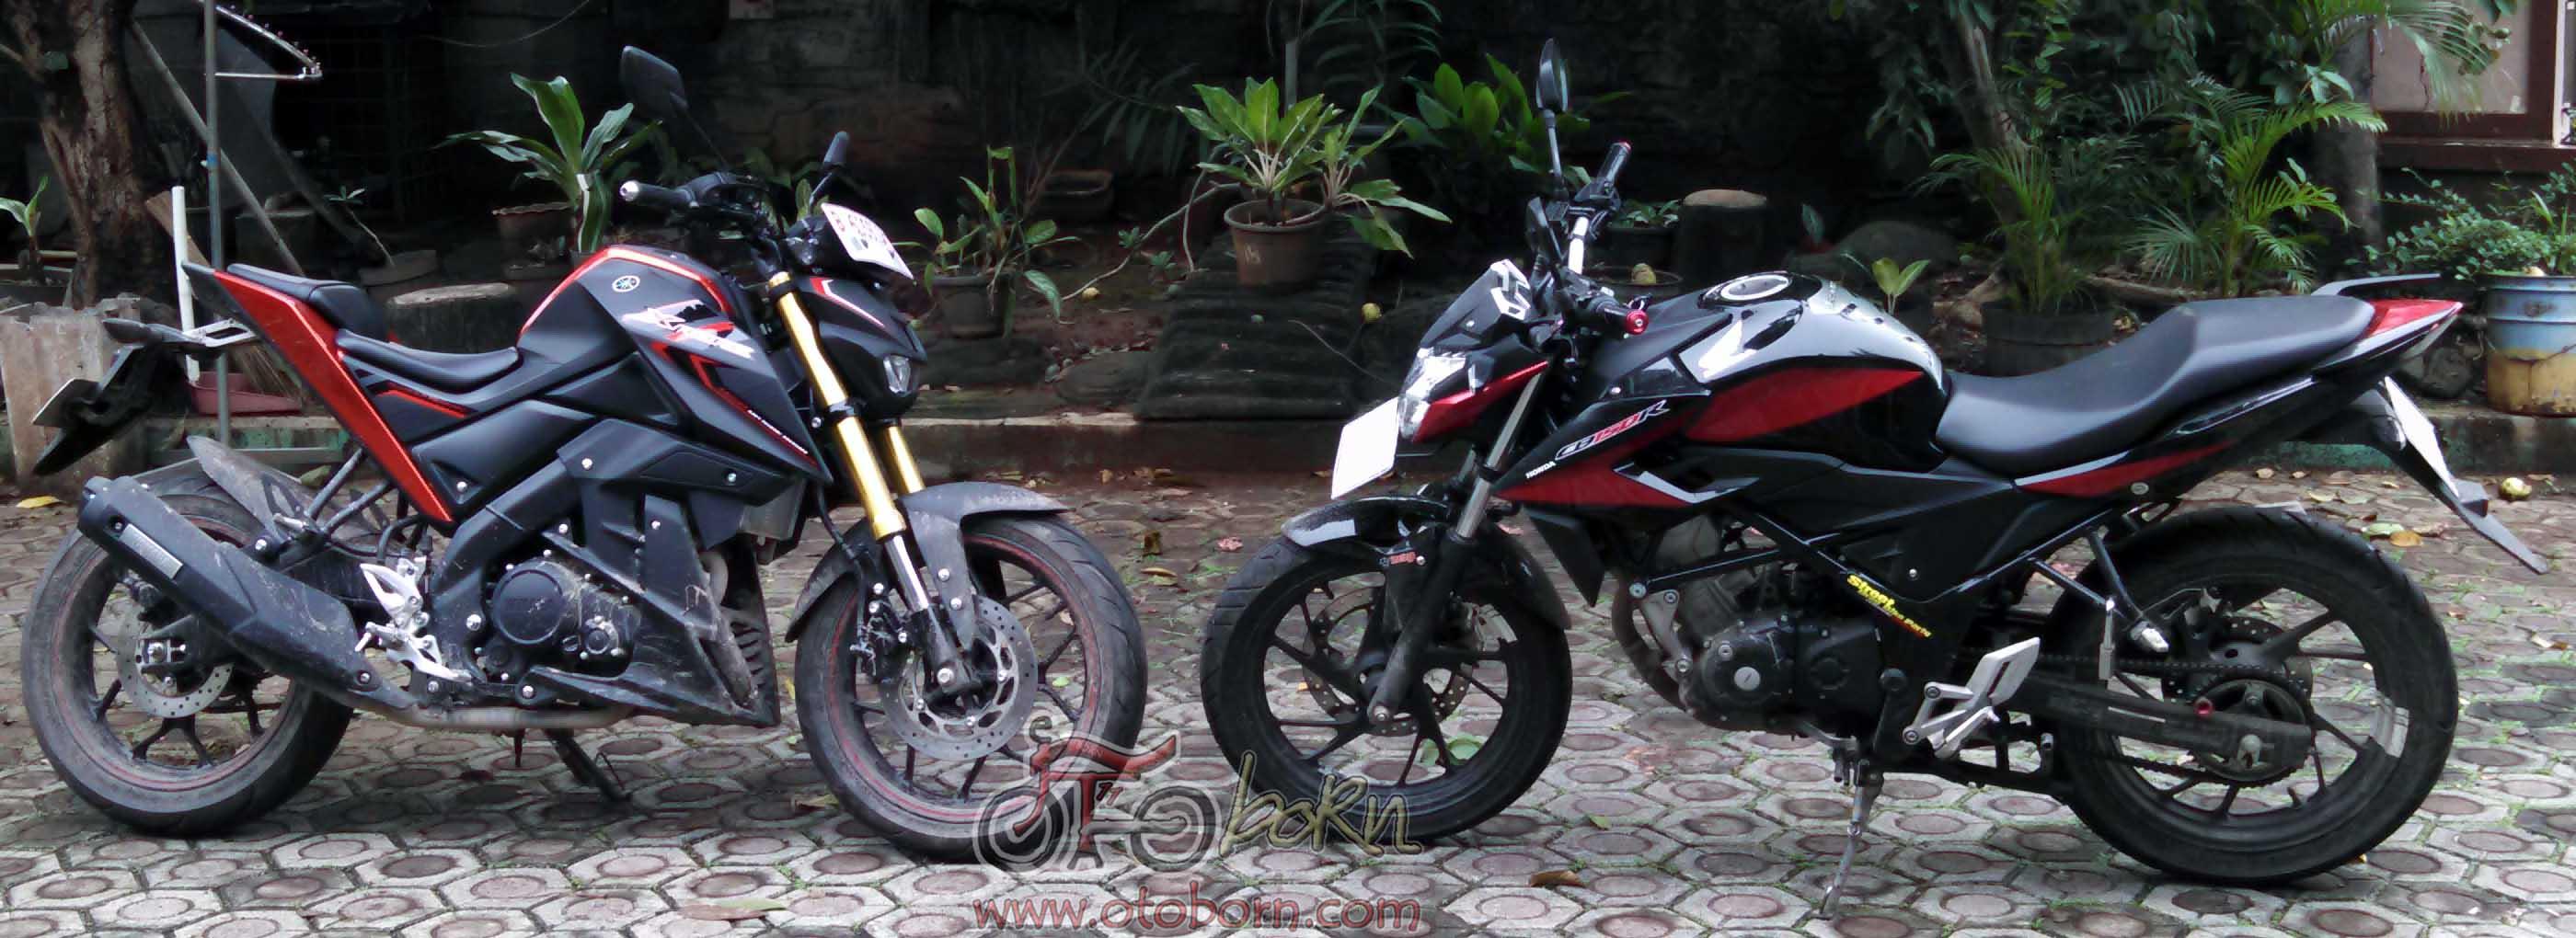 110 Modifikasi Motor Honda All New Cb 150r Streetfire Raptor Black Sleman Cb150r Yamaha Xabre Otoborn 2016 O To Born